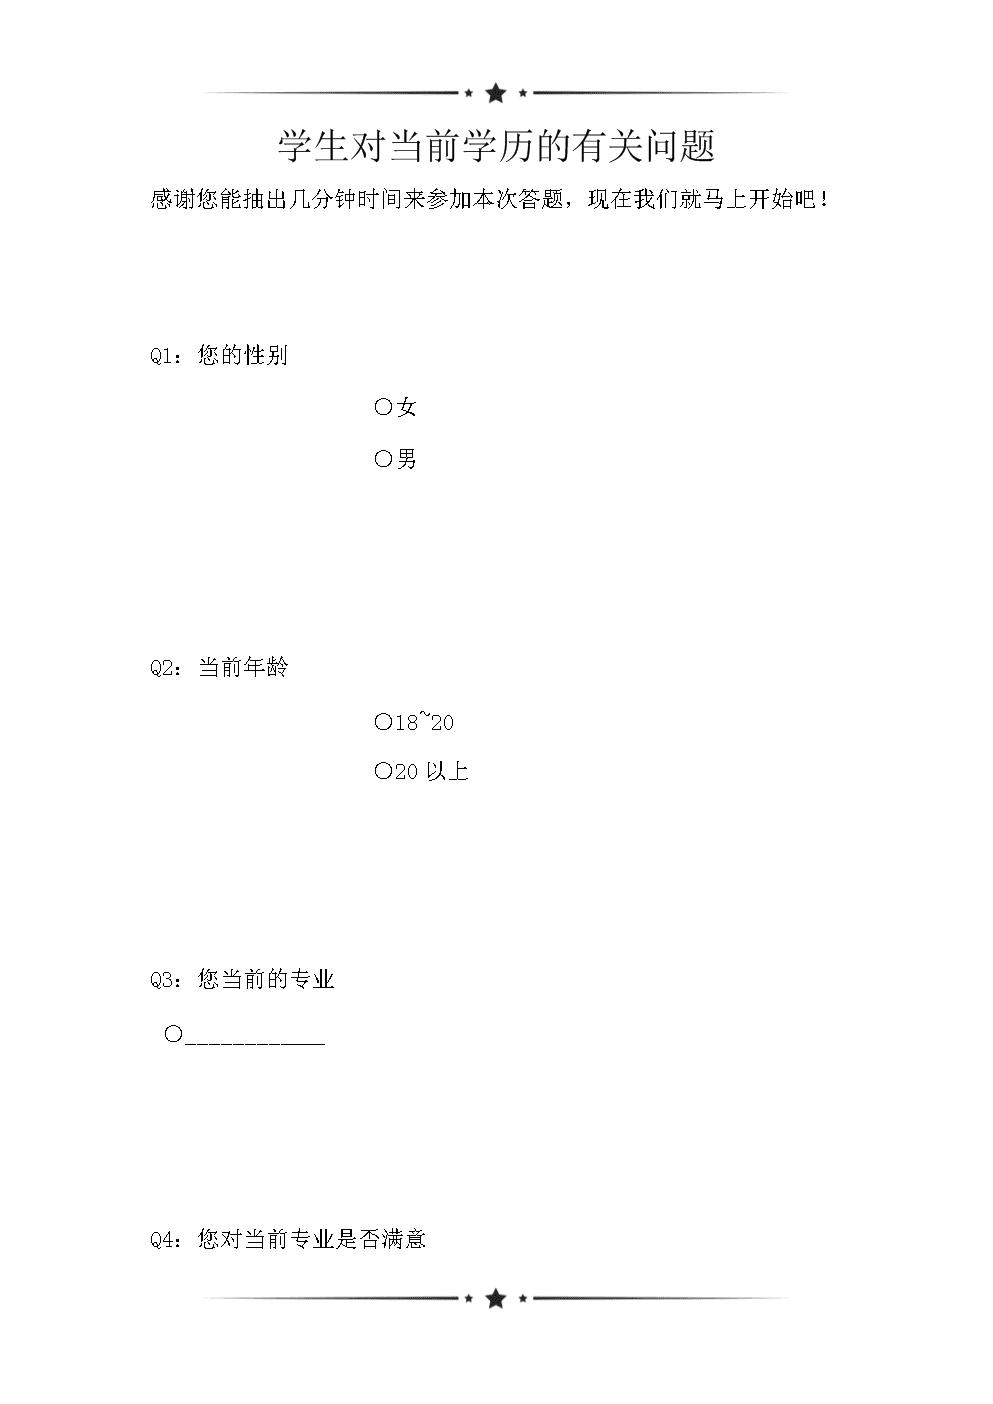 学生对当前学历的有关问题(可编辑).doc